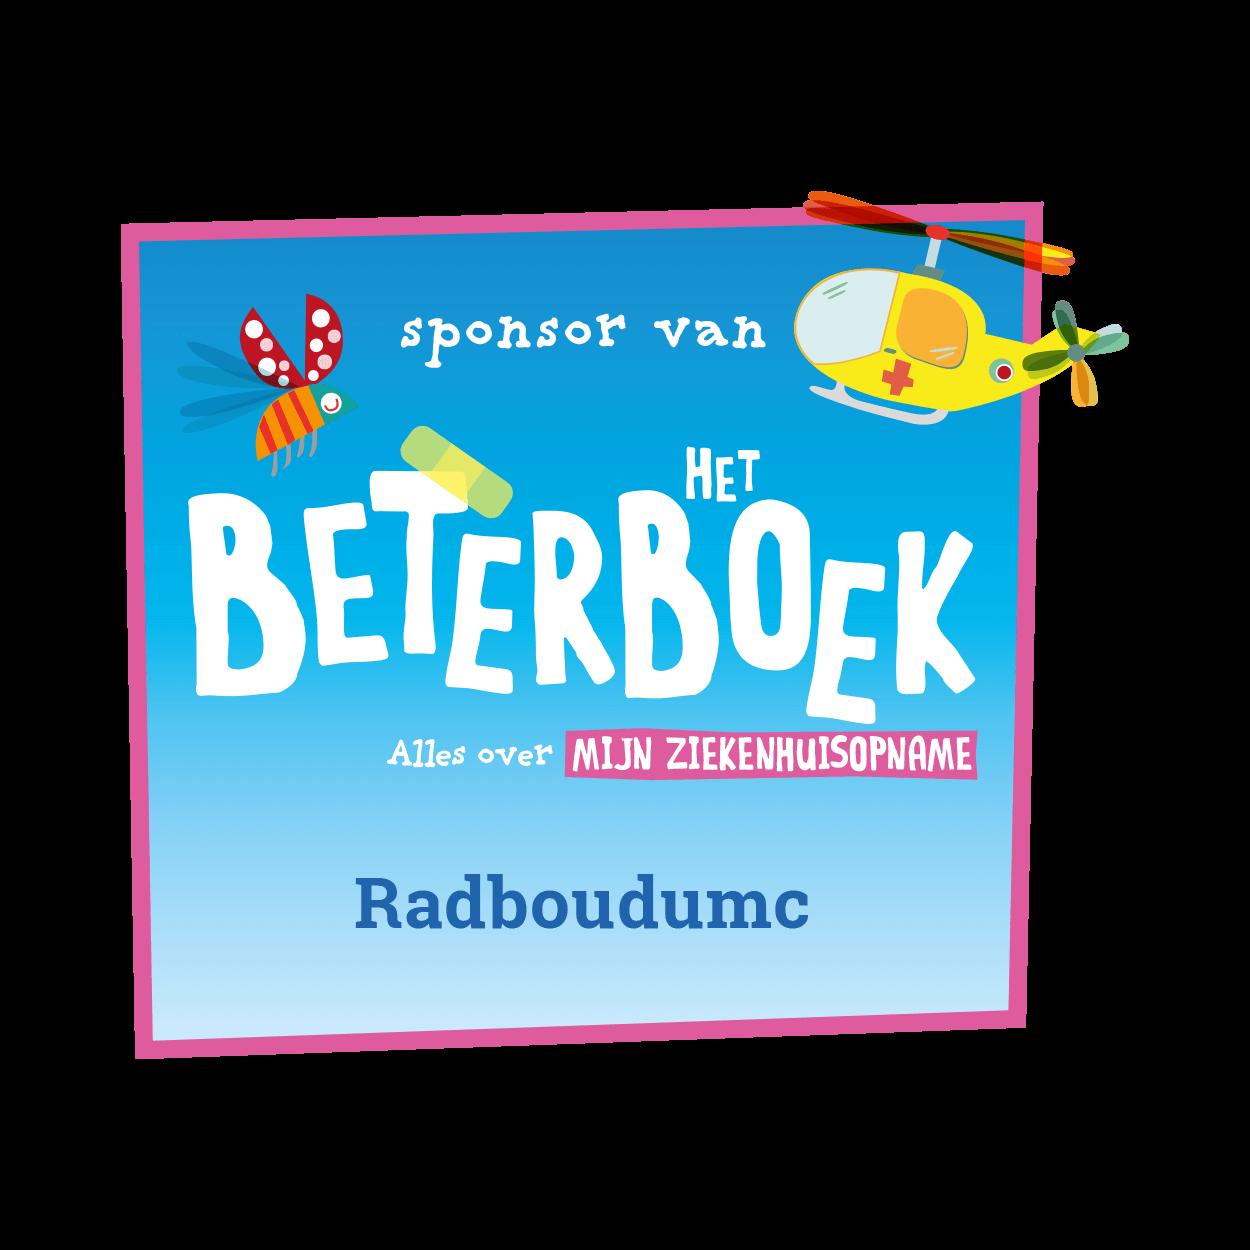 BeterBoek van het Radbout UMC